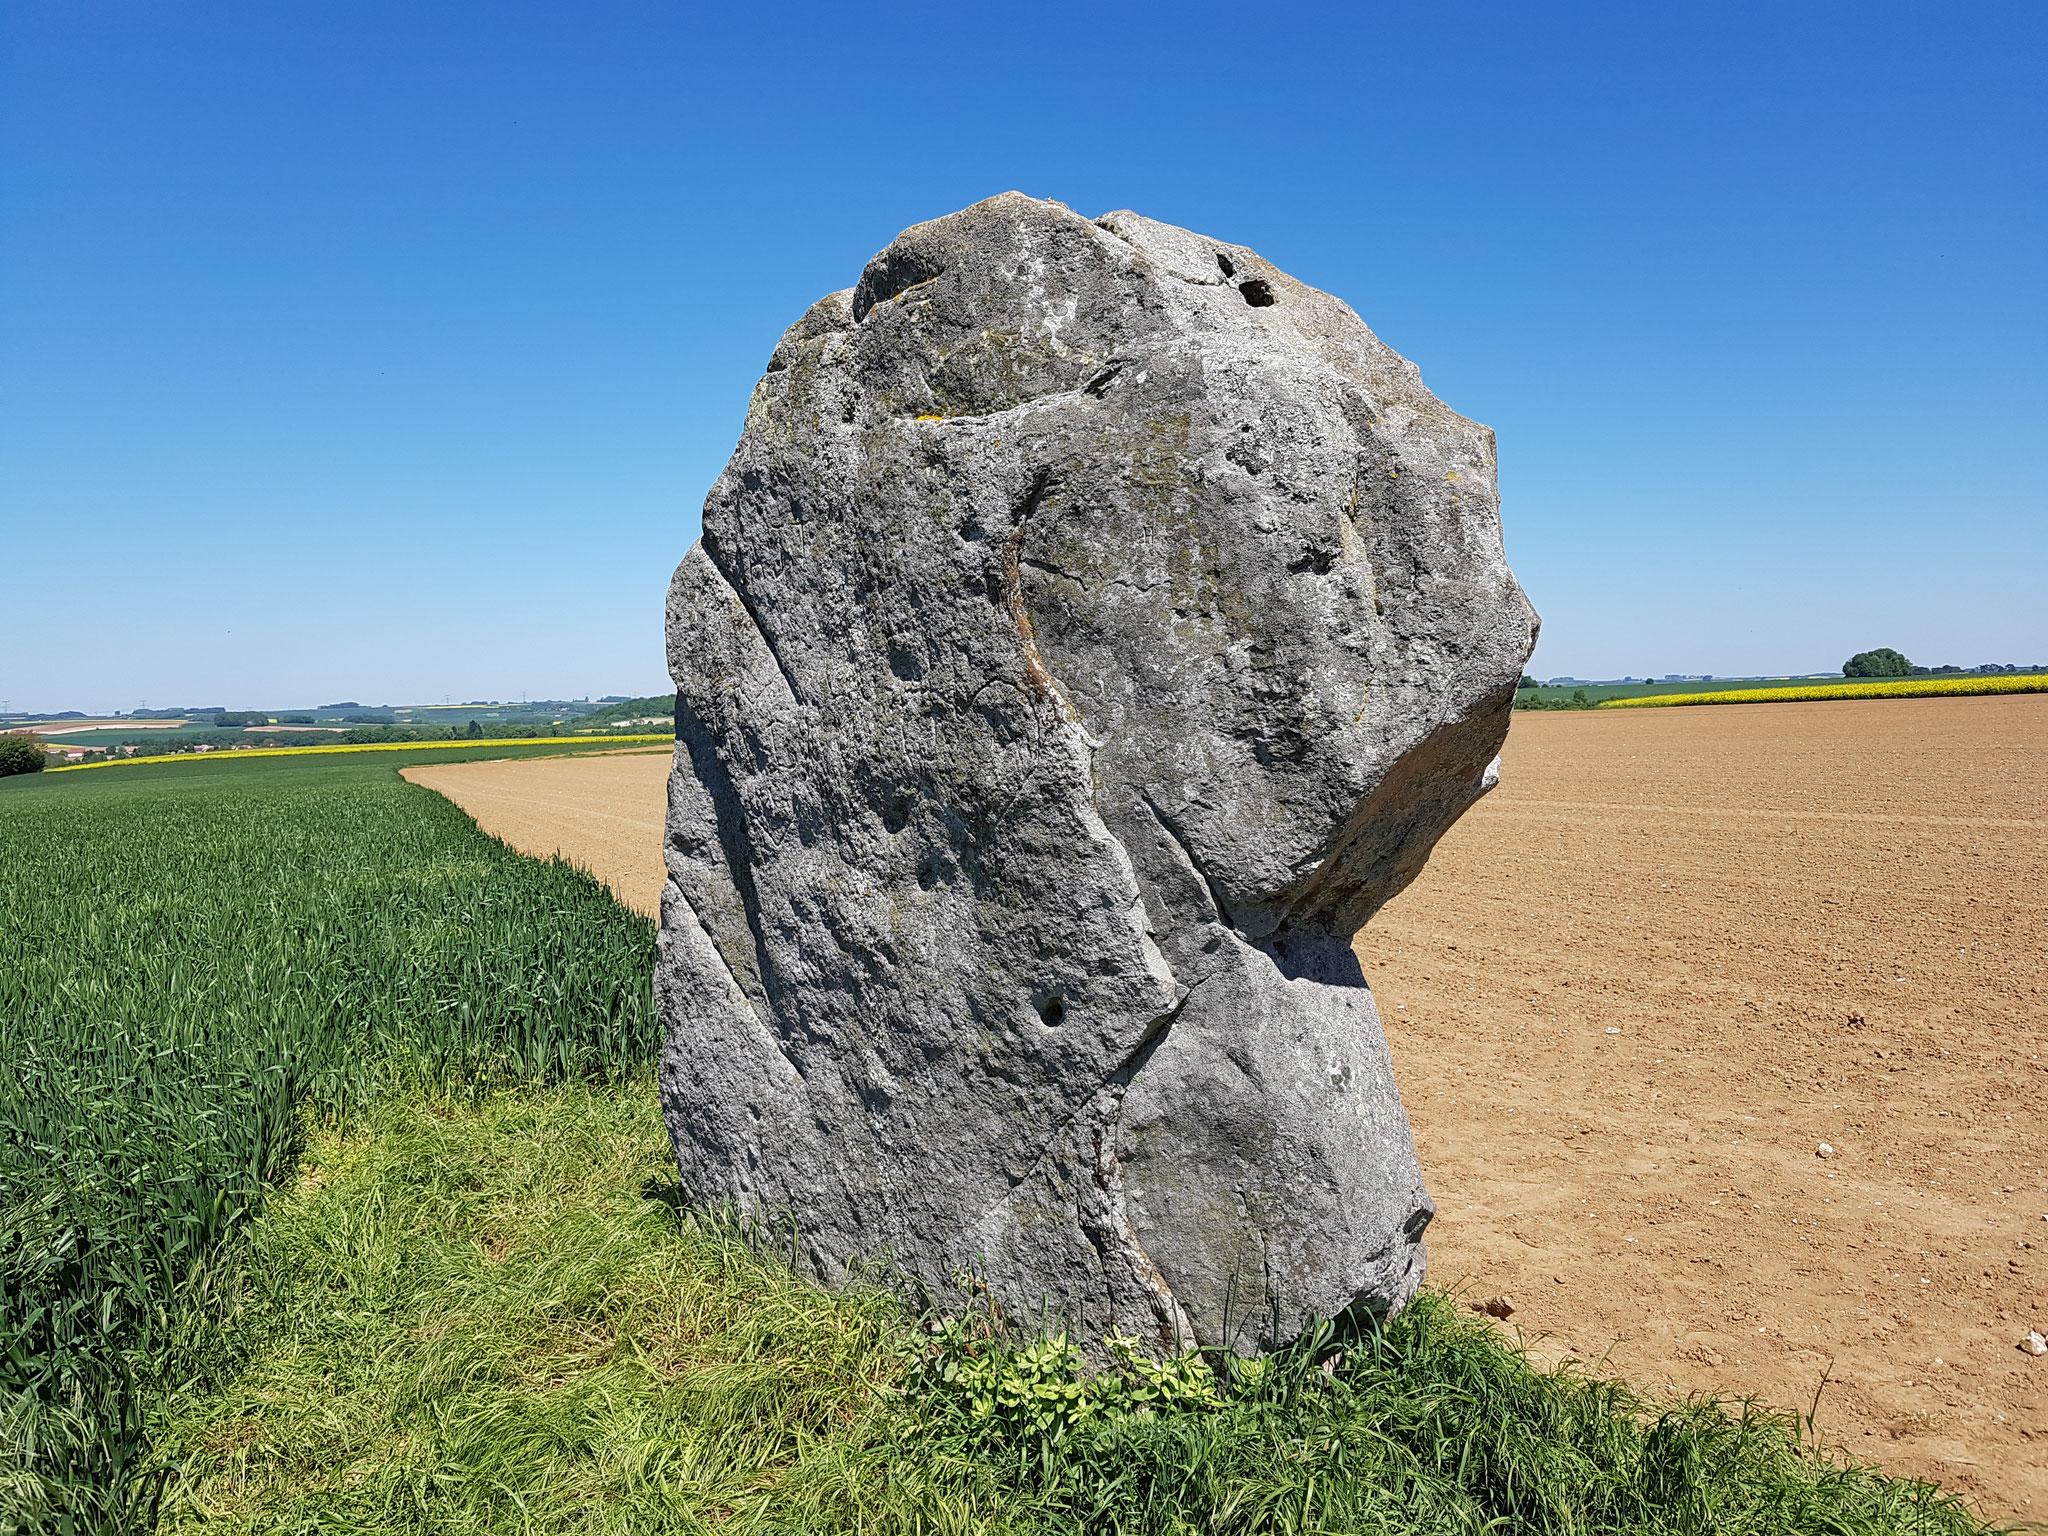 Menhir de Bavelincourt